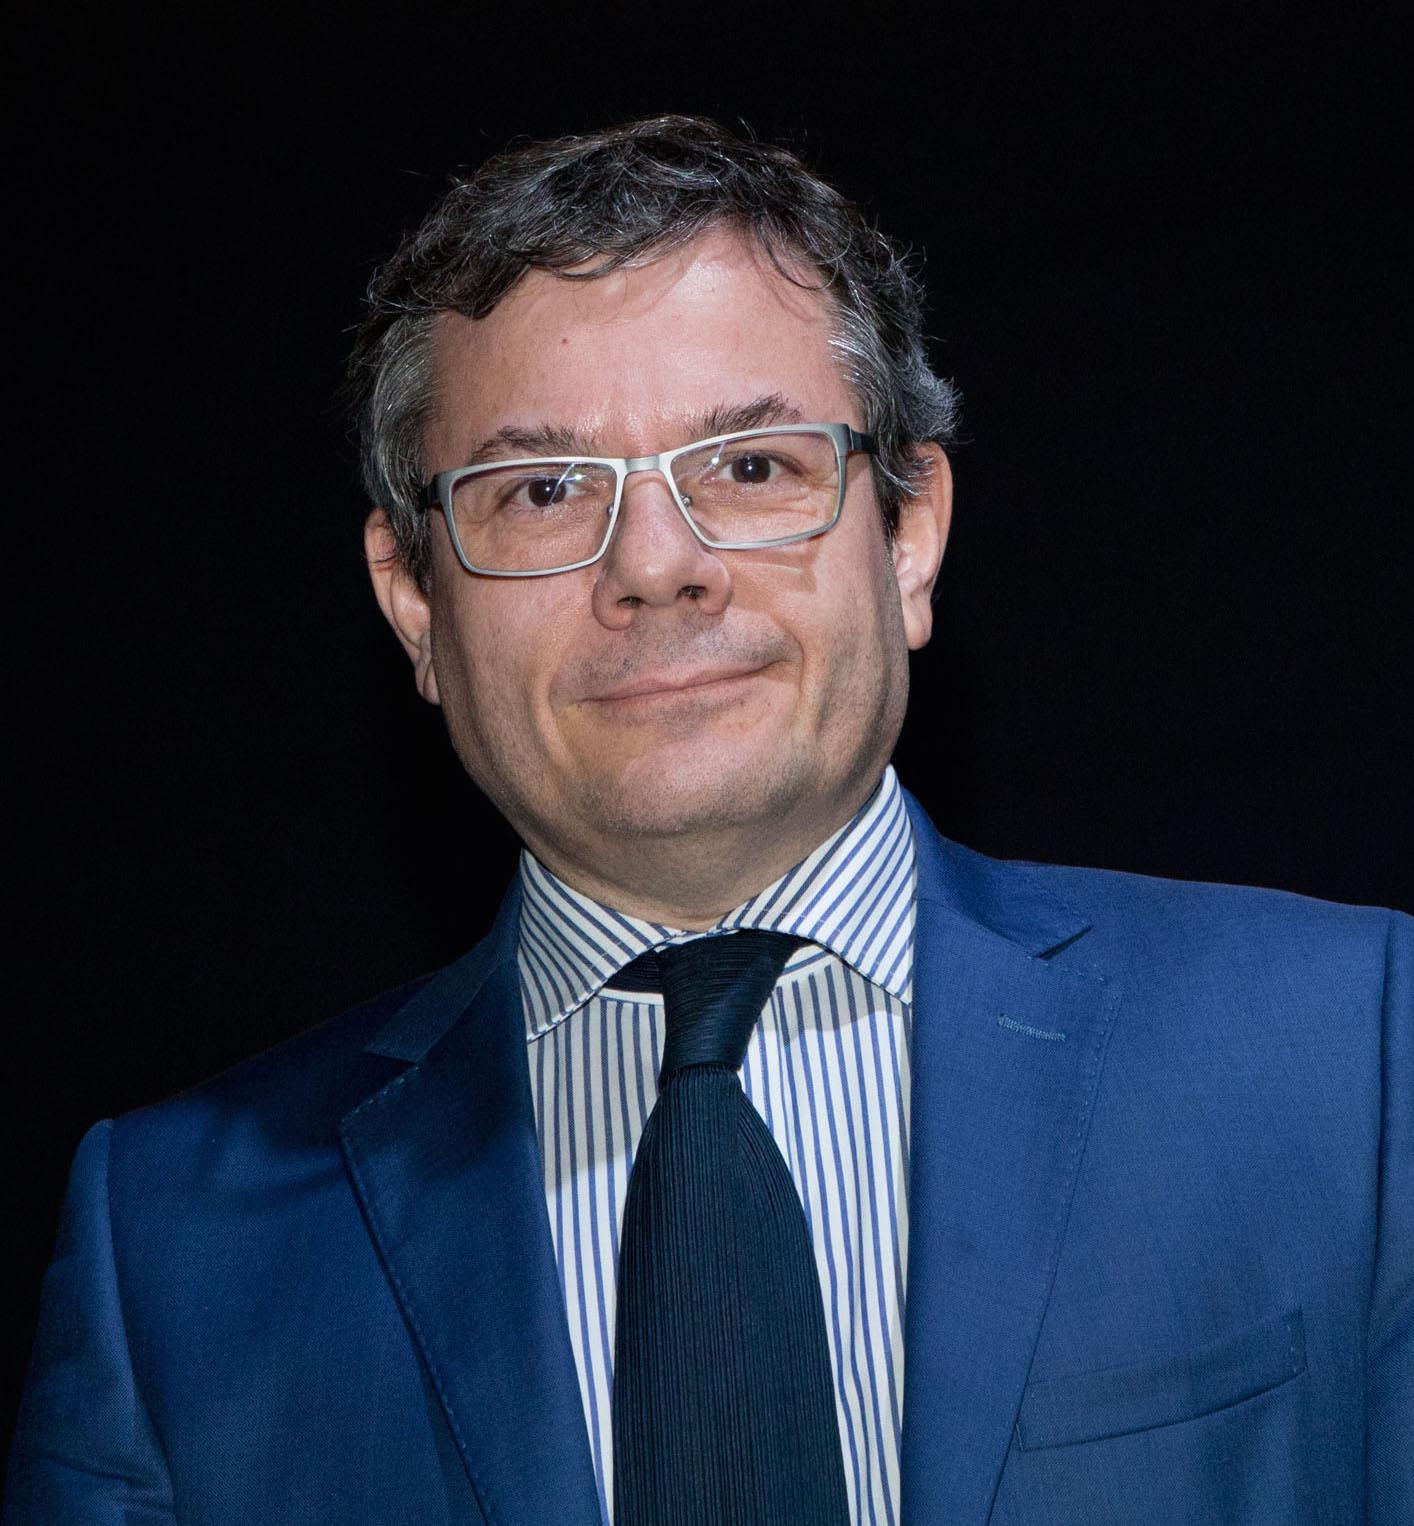 Interview: Giuliano Menassi, head of R&D, Pirelli